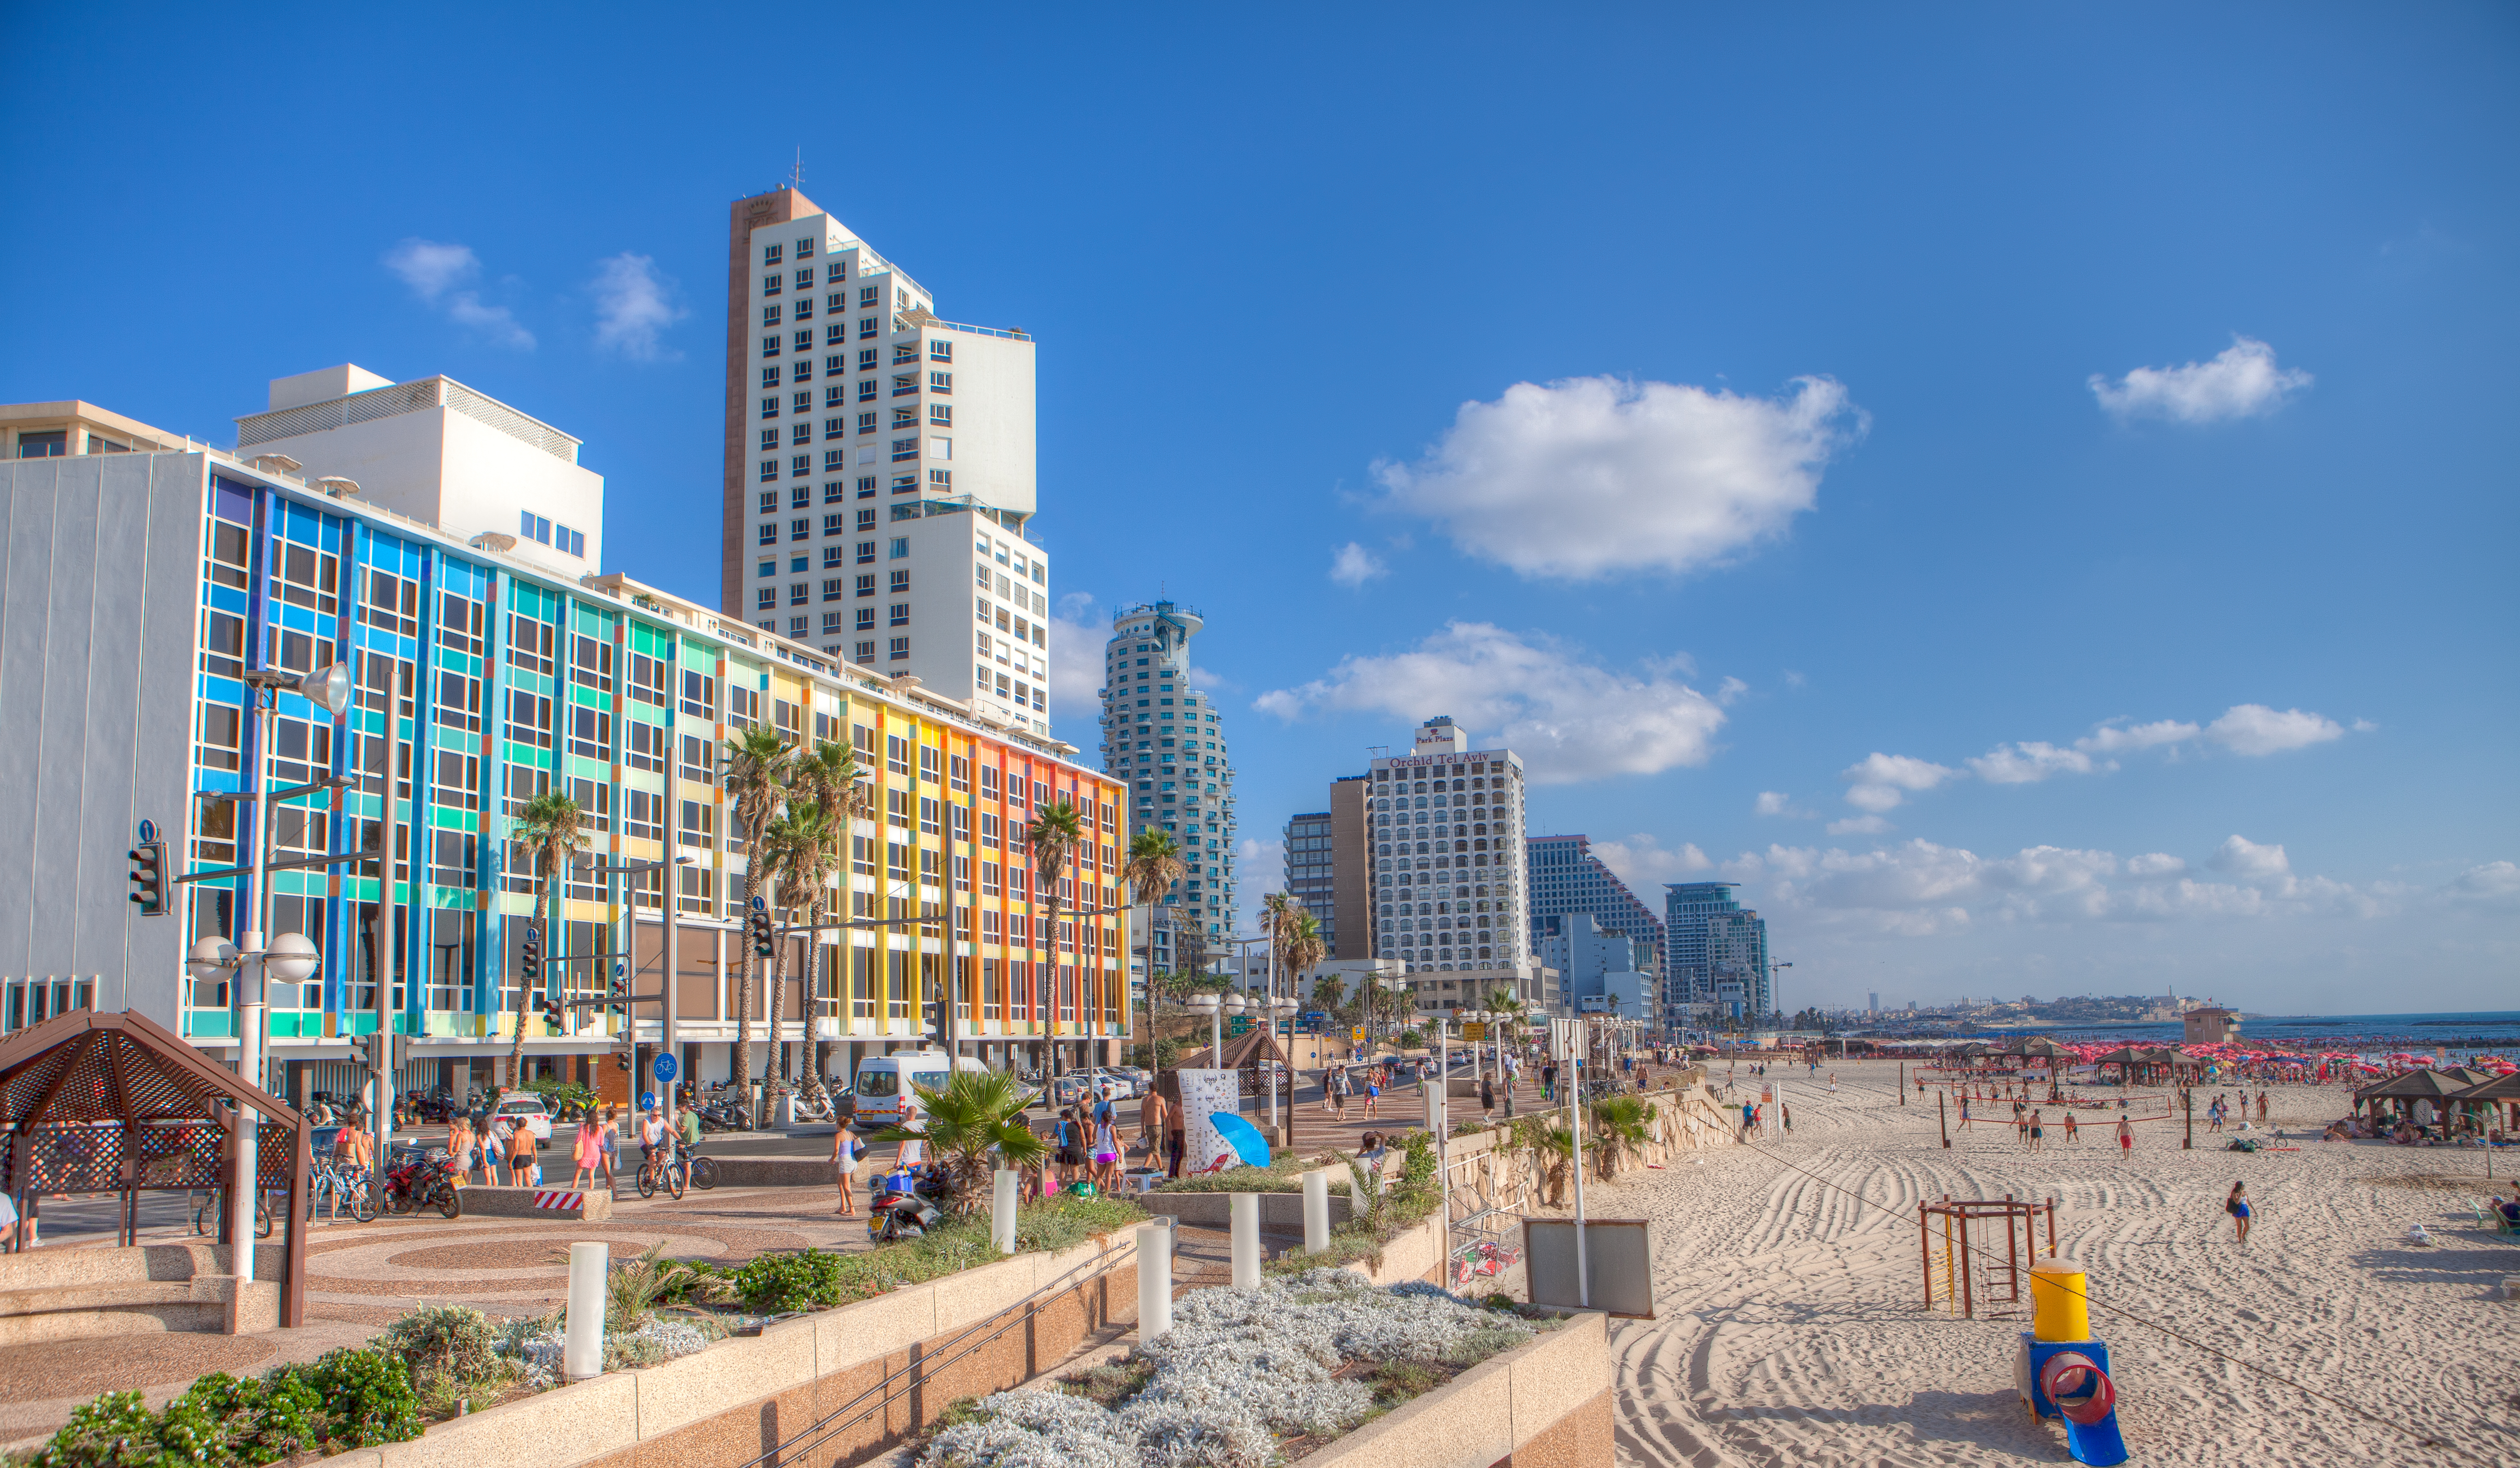 Antallet af turister til Israel fortsætter med at vokse markant. Her er det fra strandpromenaden ved Tel Aviv, pressefoto Dana Friedlander, via Israels turistministerium, IMOT.